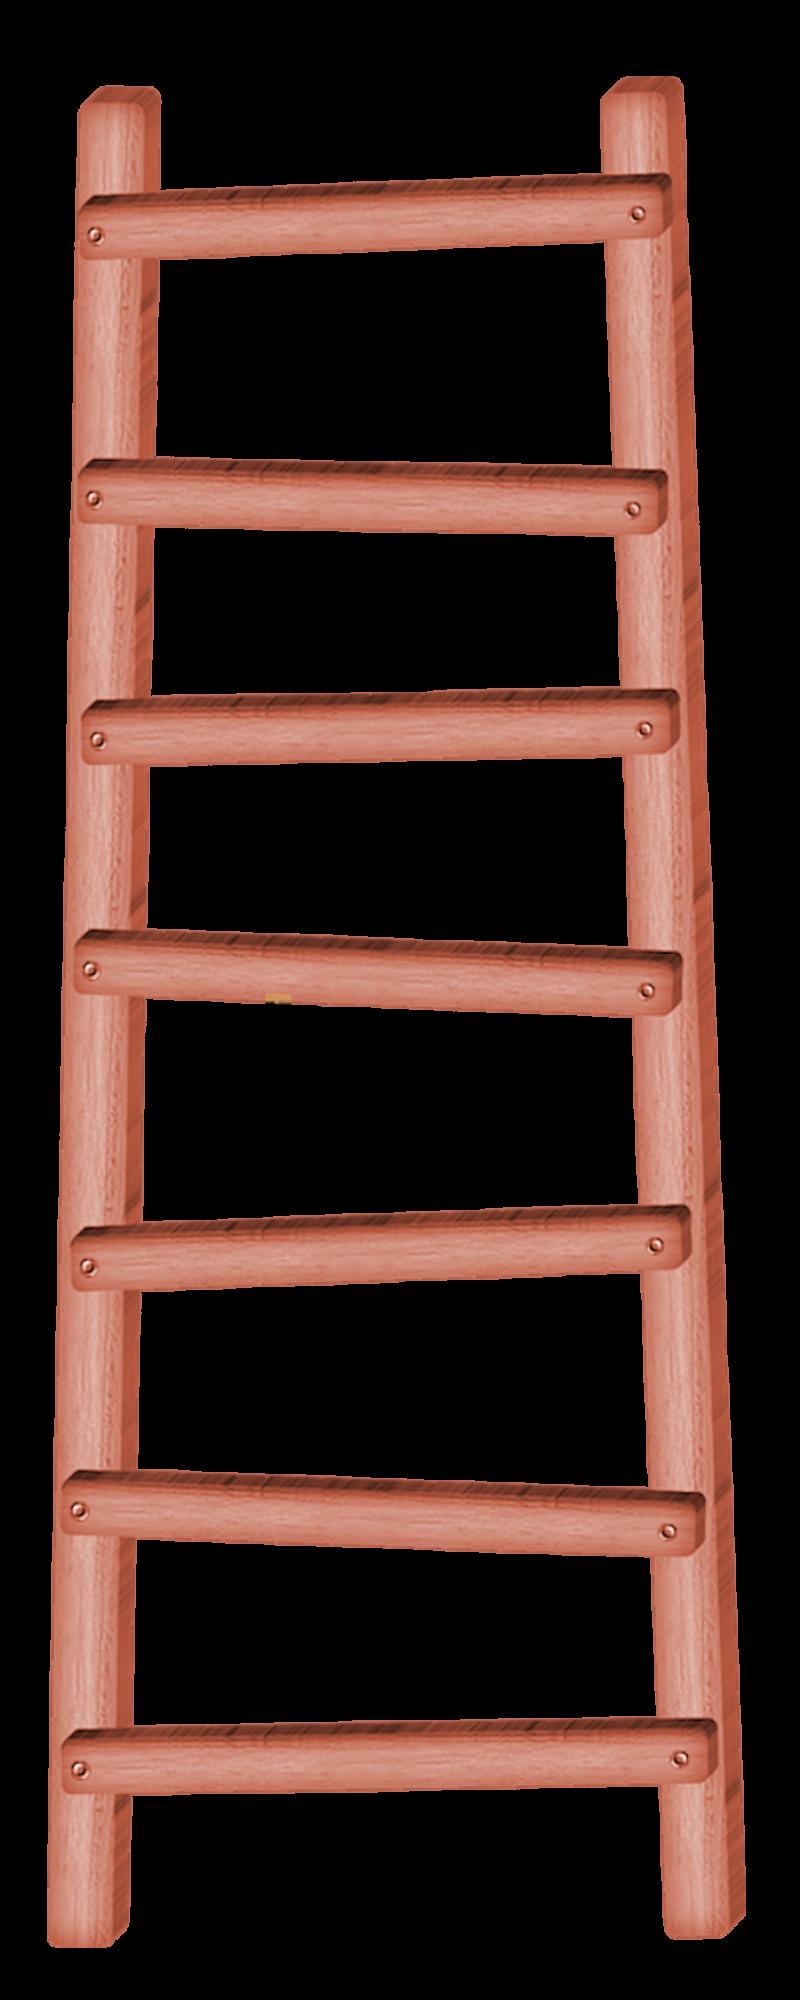 Ladder PNG Image